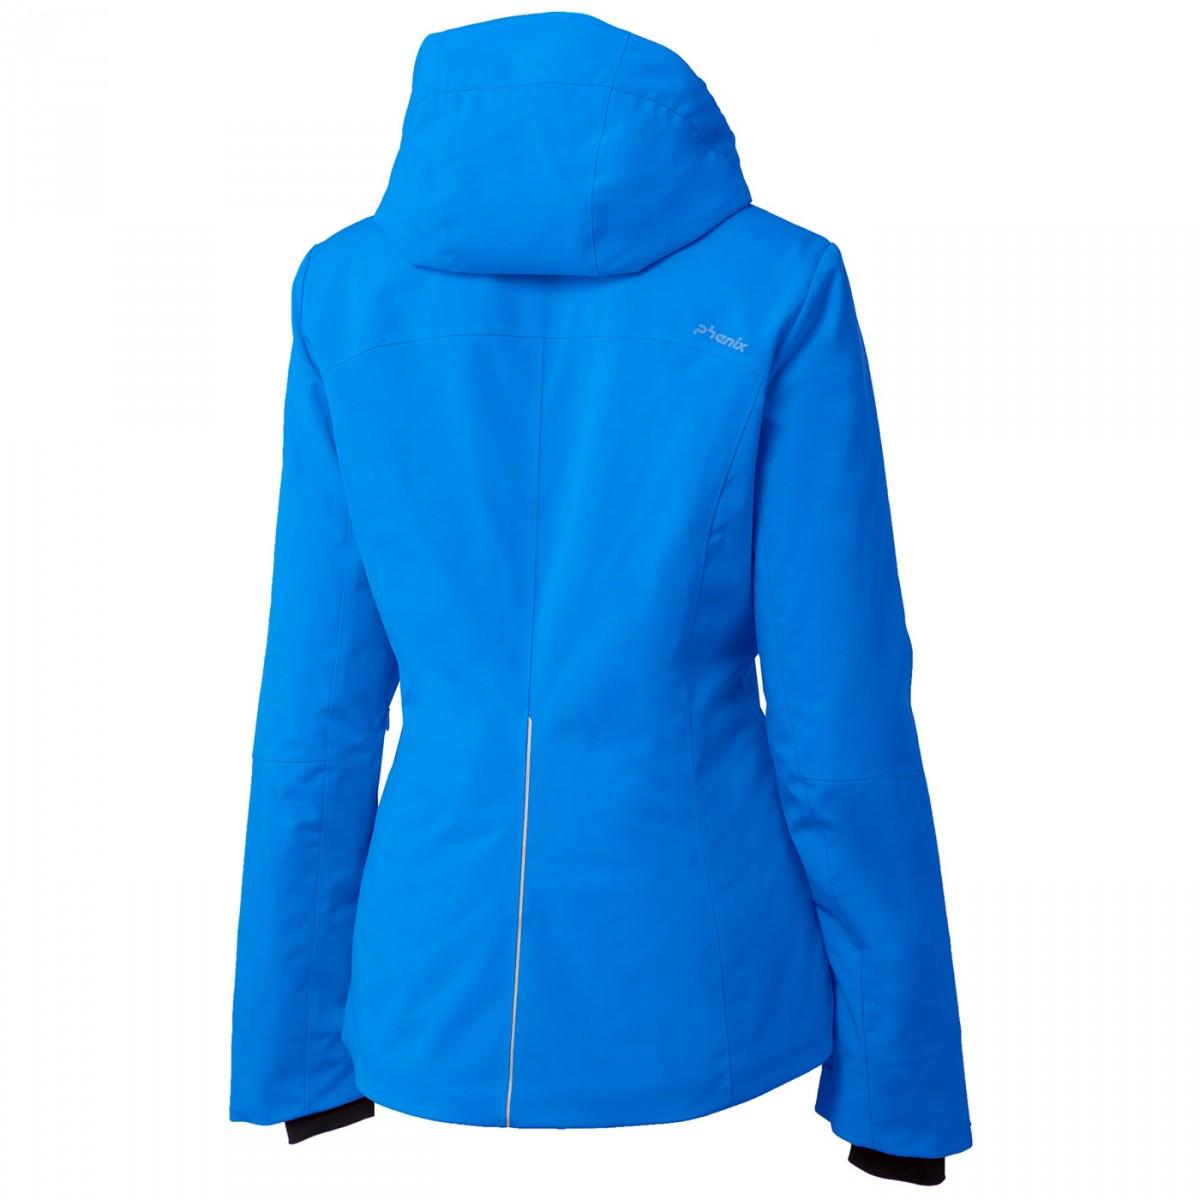 Compra chaquetas de nieve barato online al por mayor de